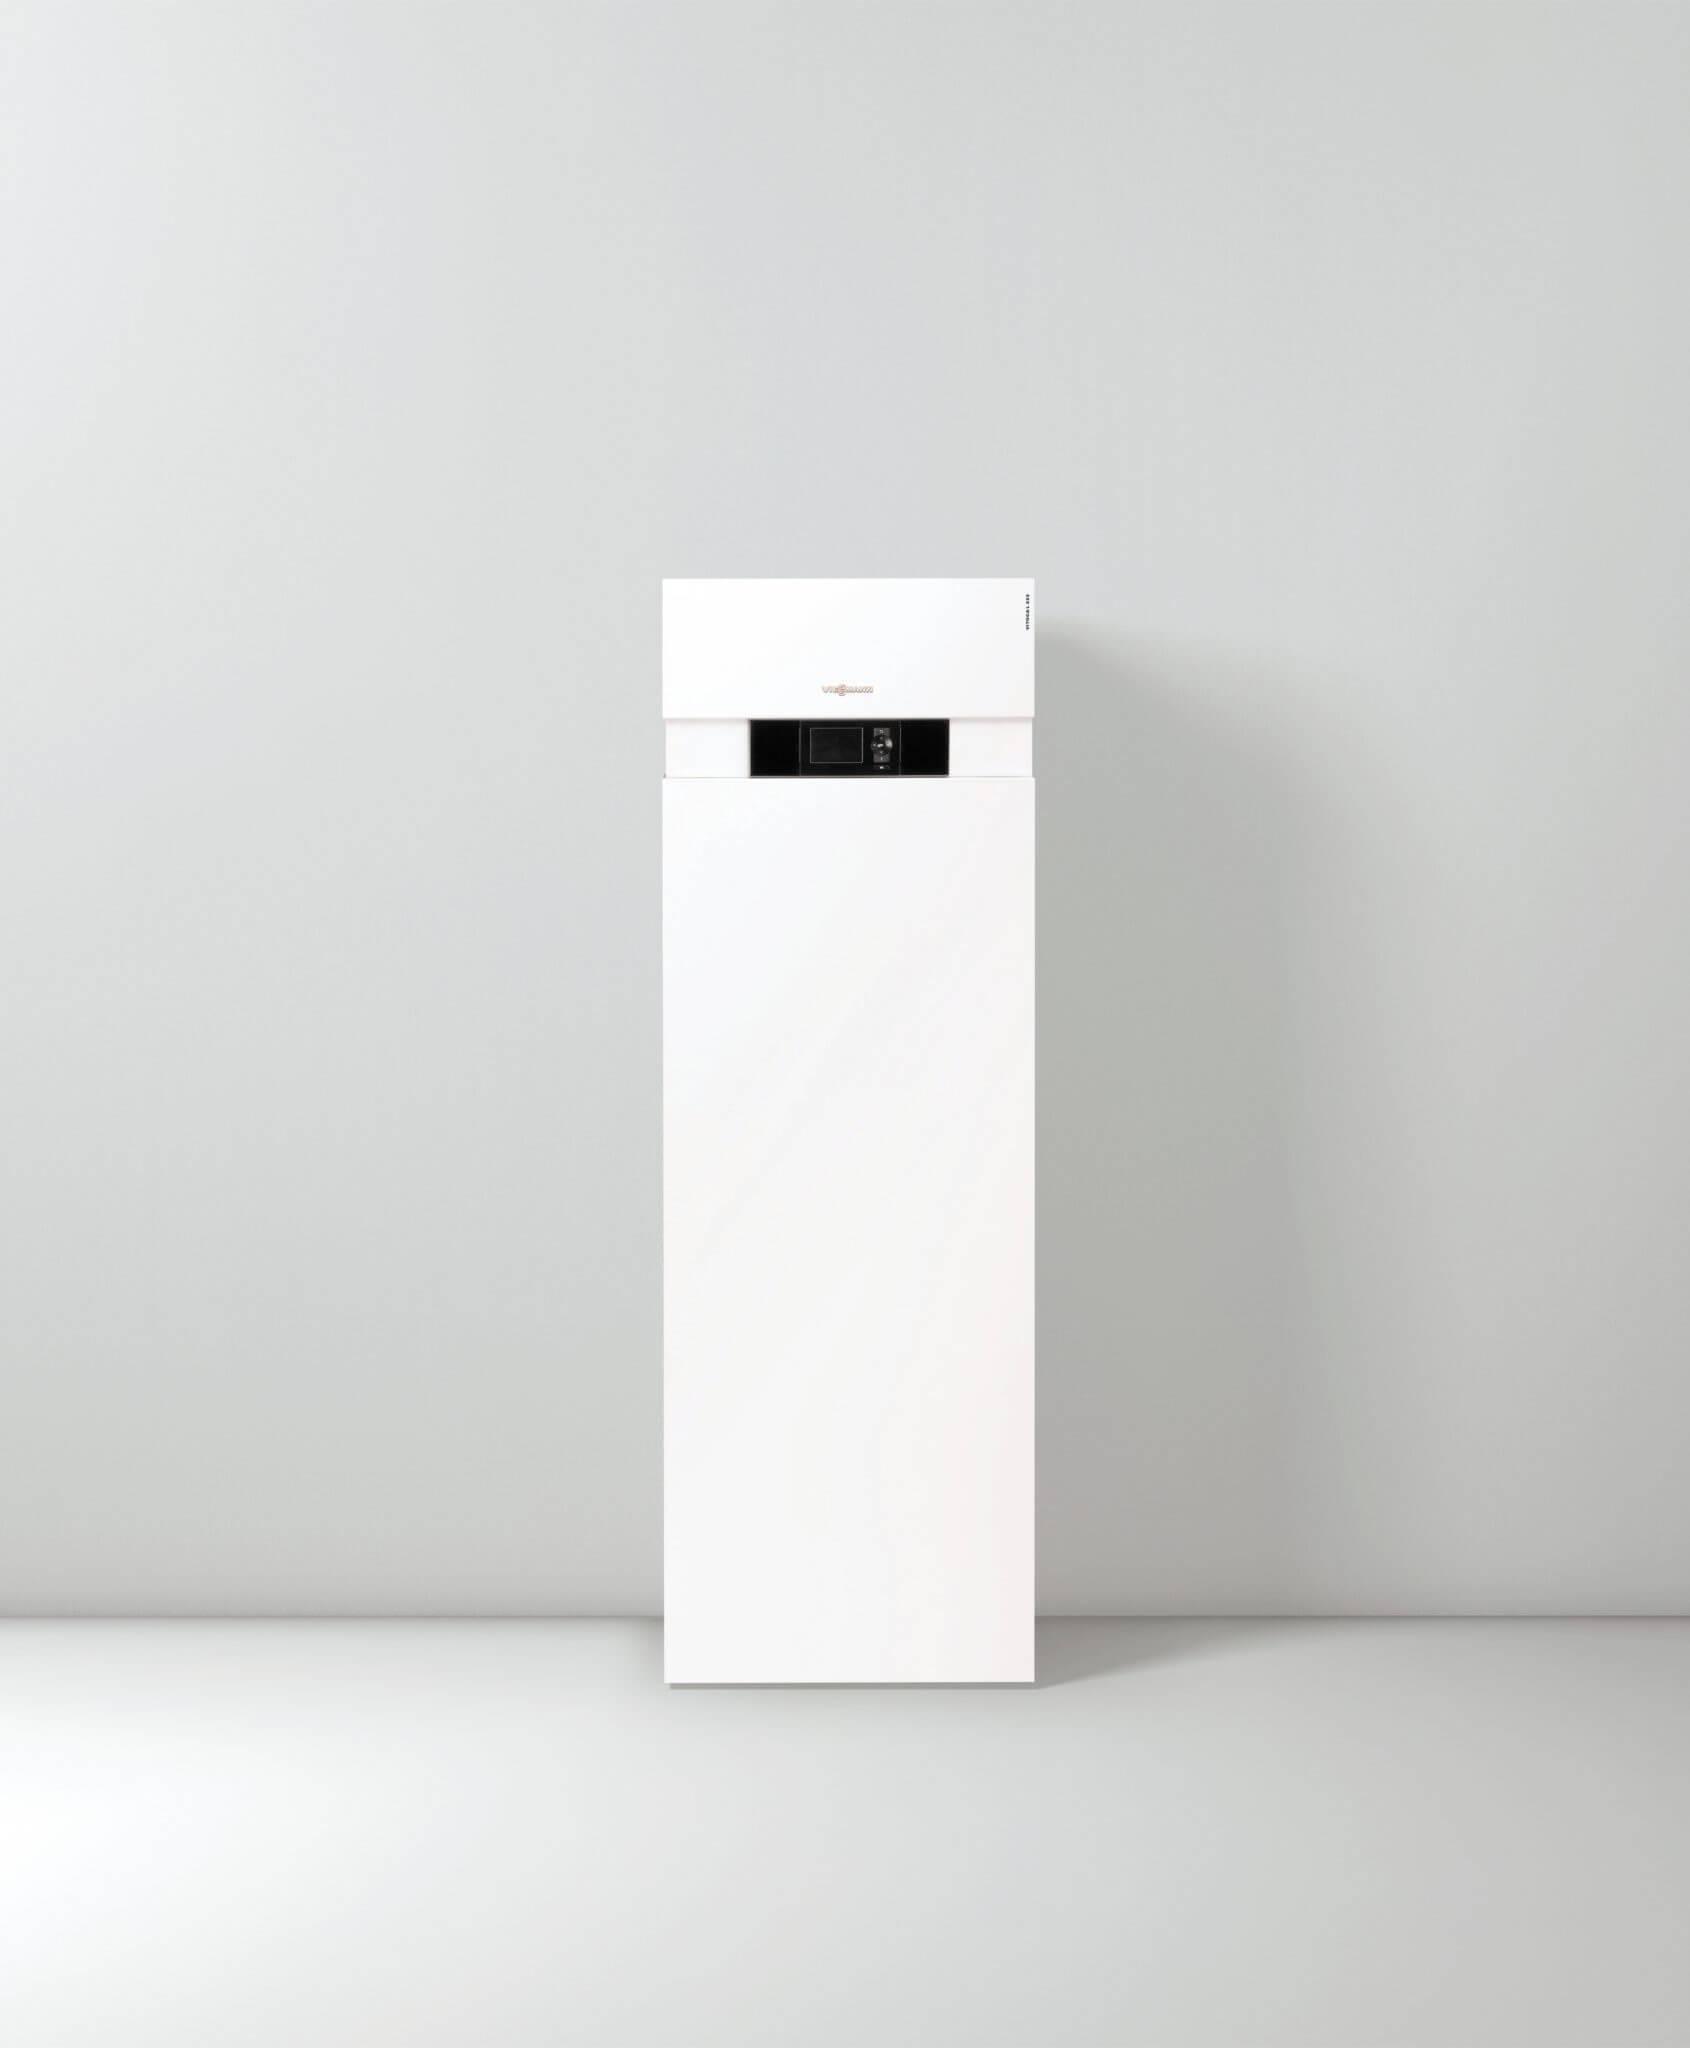 vitocal 222 s c08 energopanel. Black Bedroom Furniture Sets. Home Design Ideas